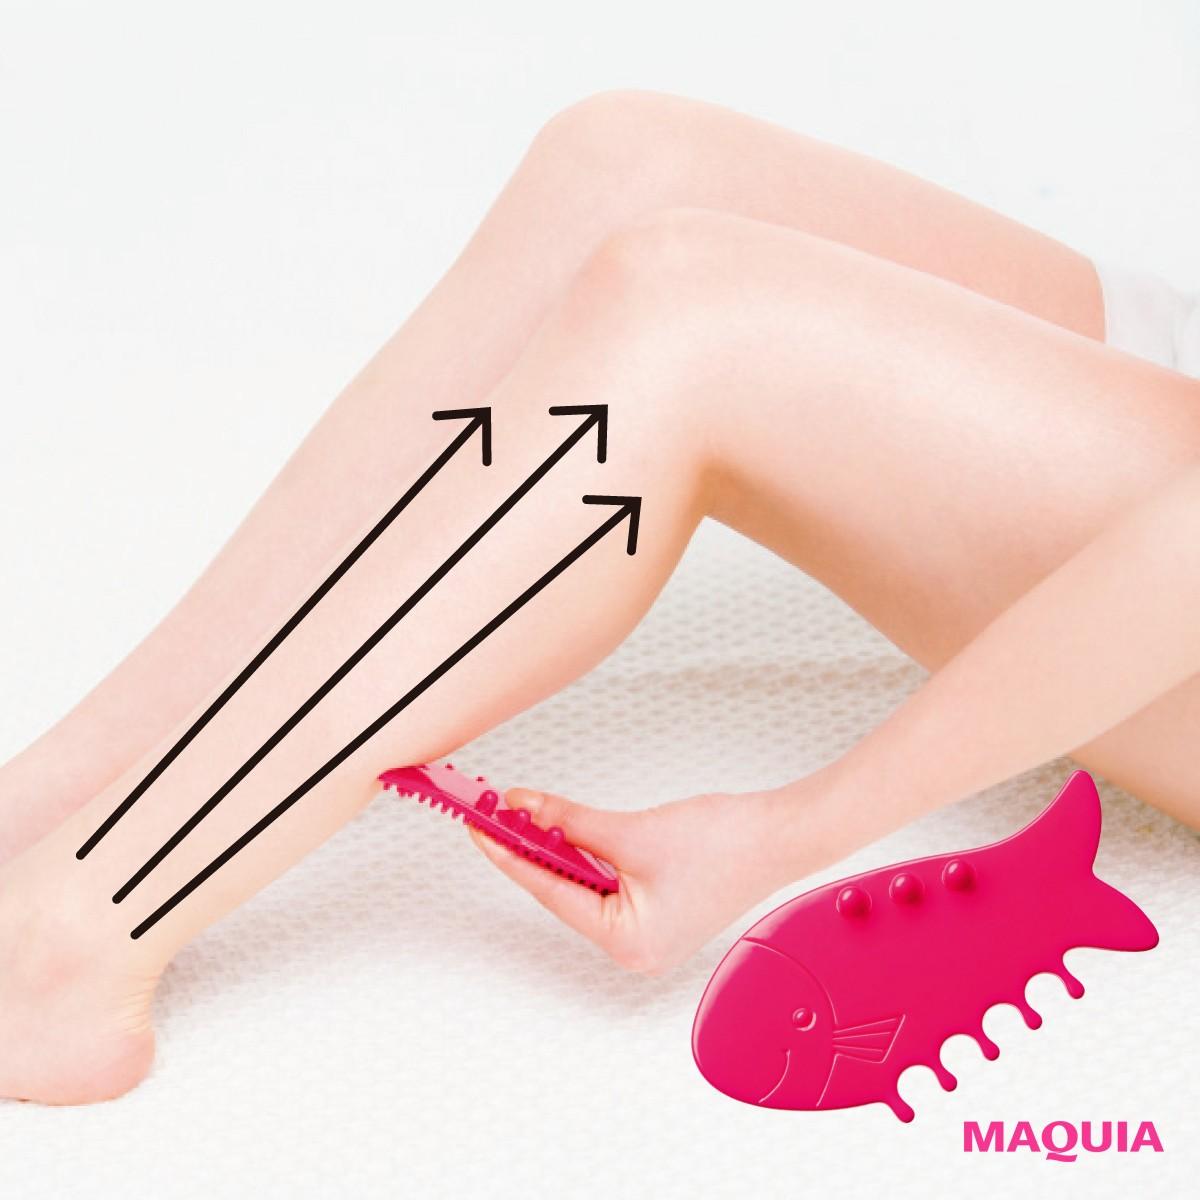 カッサケアで脚ほっそり! ブヨブヨ足に効くむくみリフト&ツボ押しを紹介します